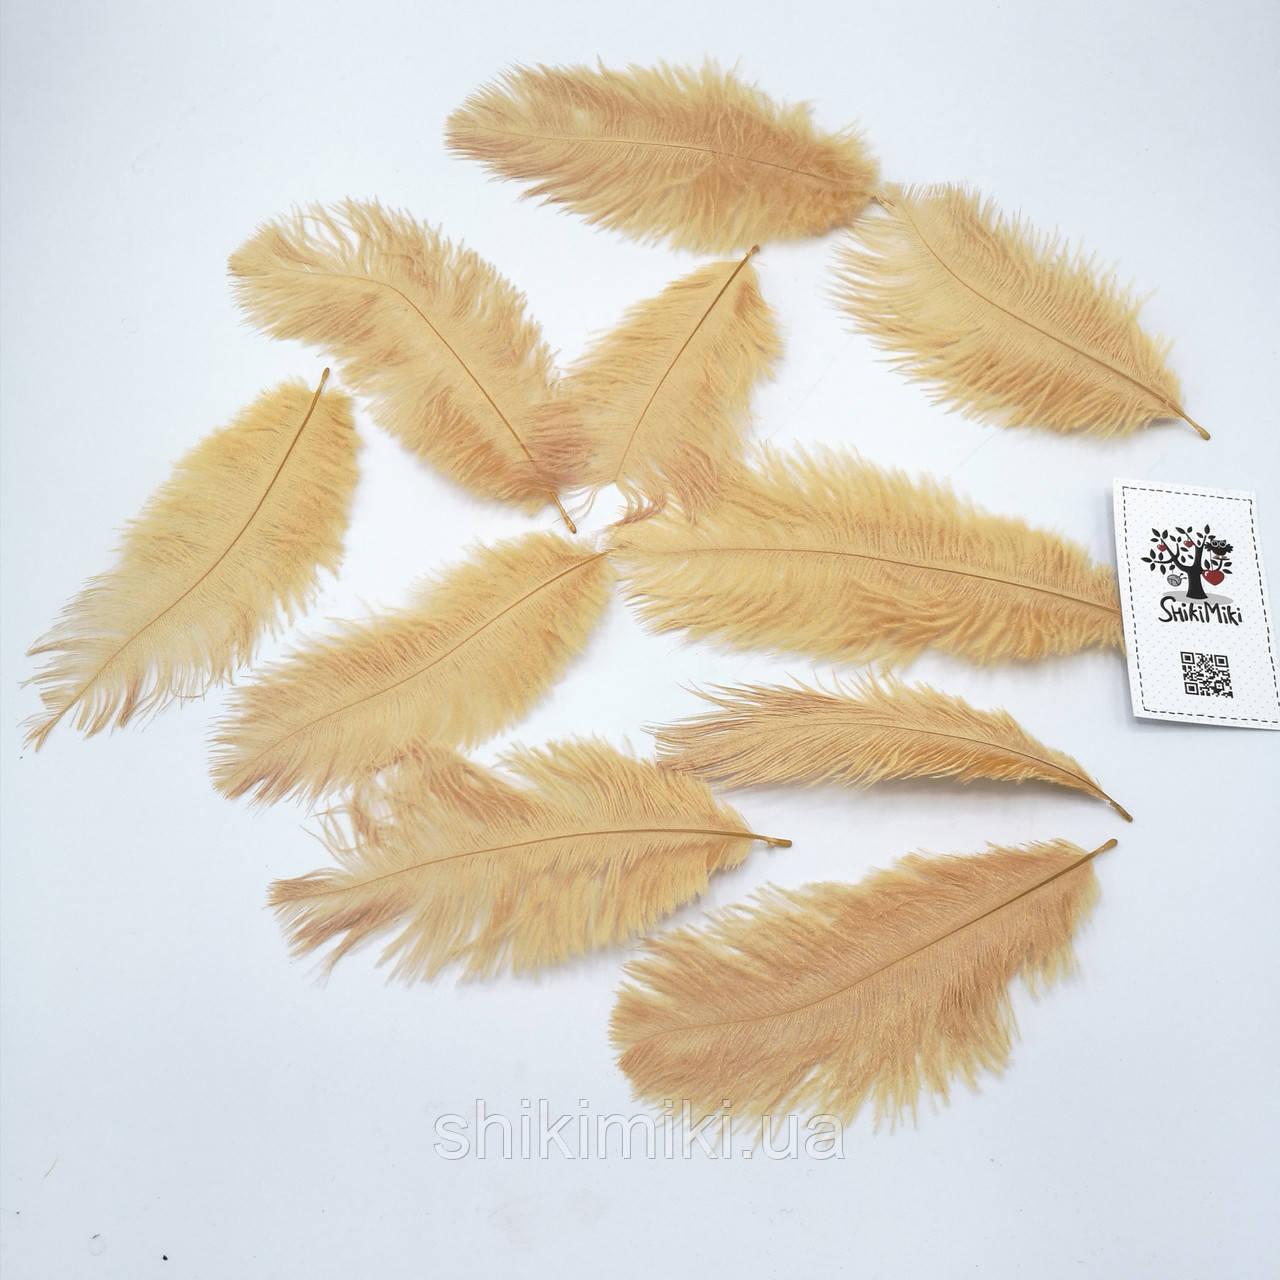 Перья натуральные страусиные №1, карамельные